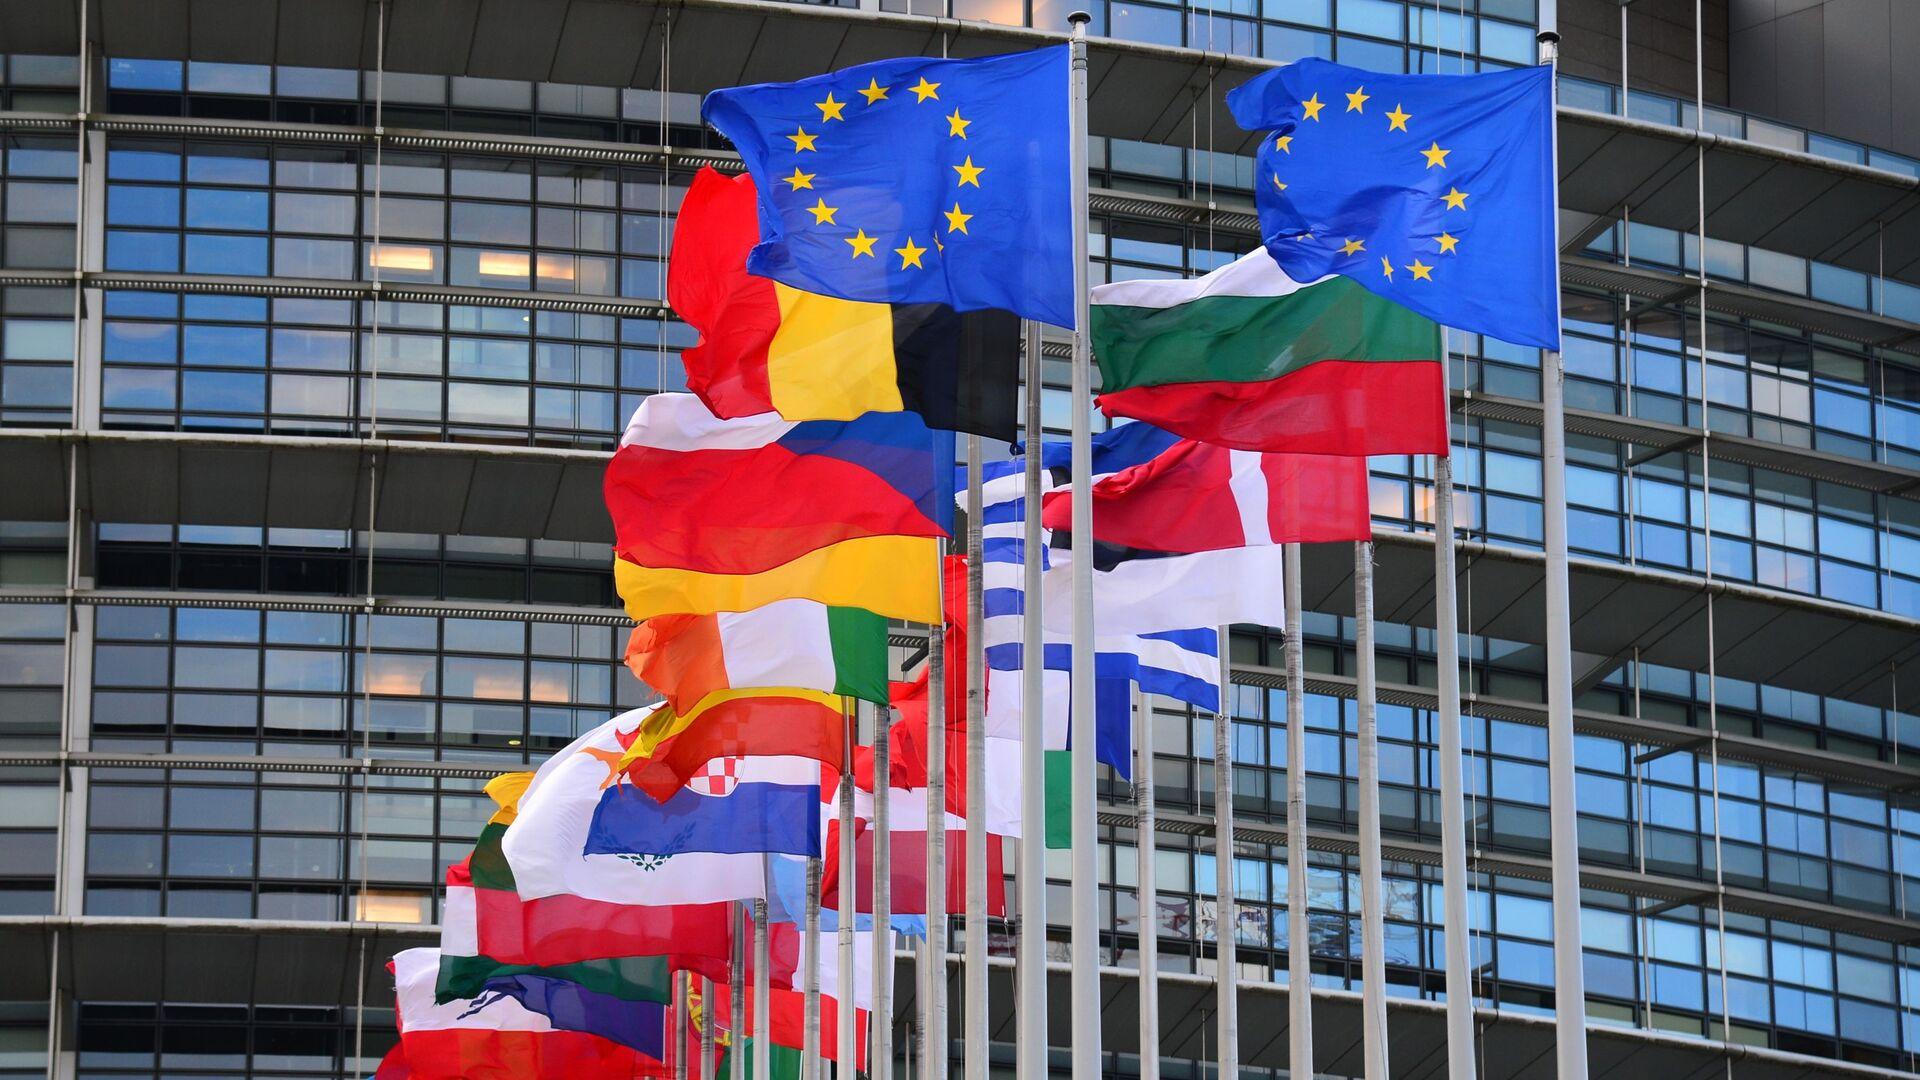 Bandiere dei paesi dell'UE di fronte all'edificio principale del Consiglio d'Europa a Strasburgo - Sputnik Italia, 1920, 21.05.2021